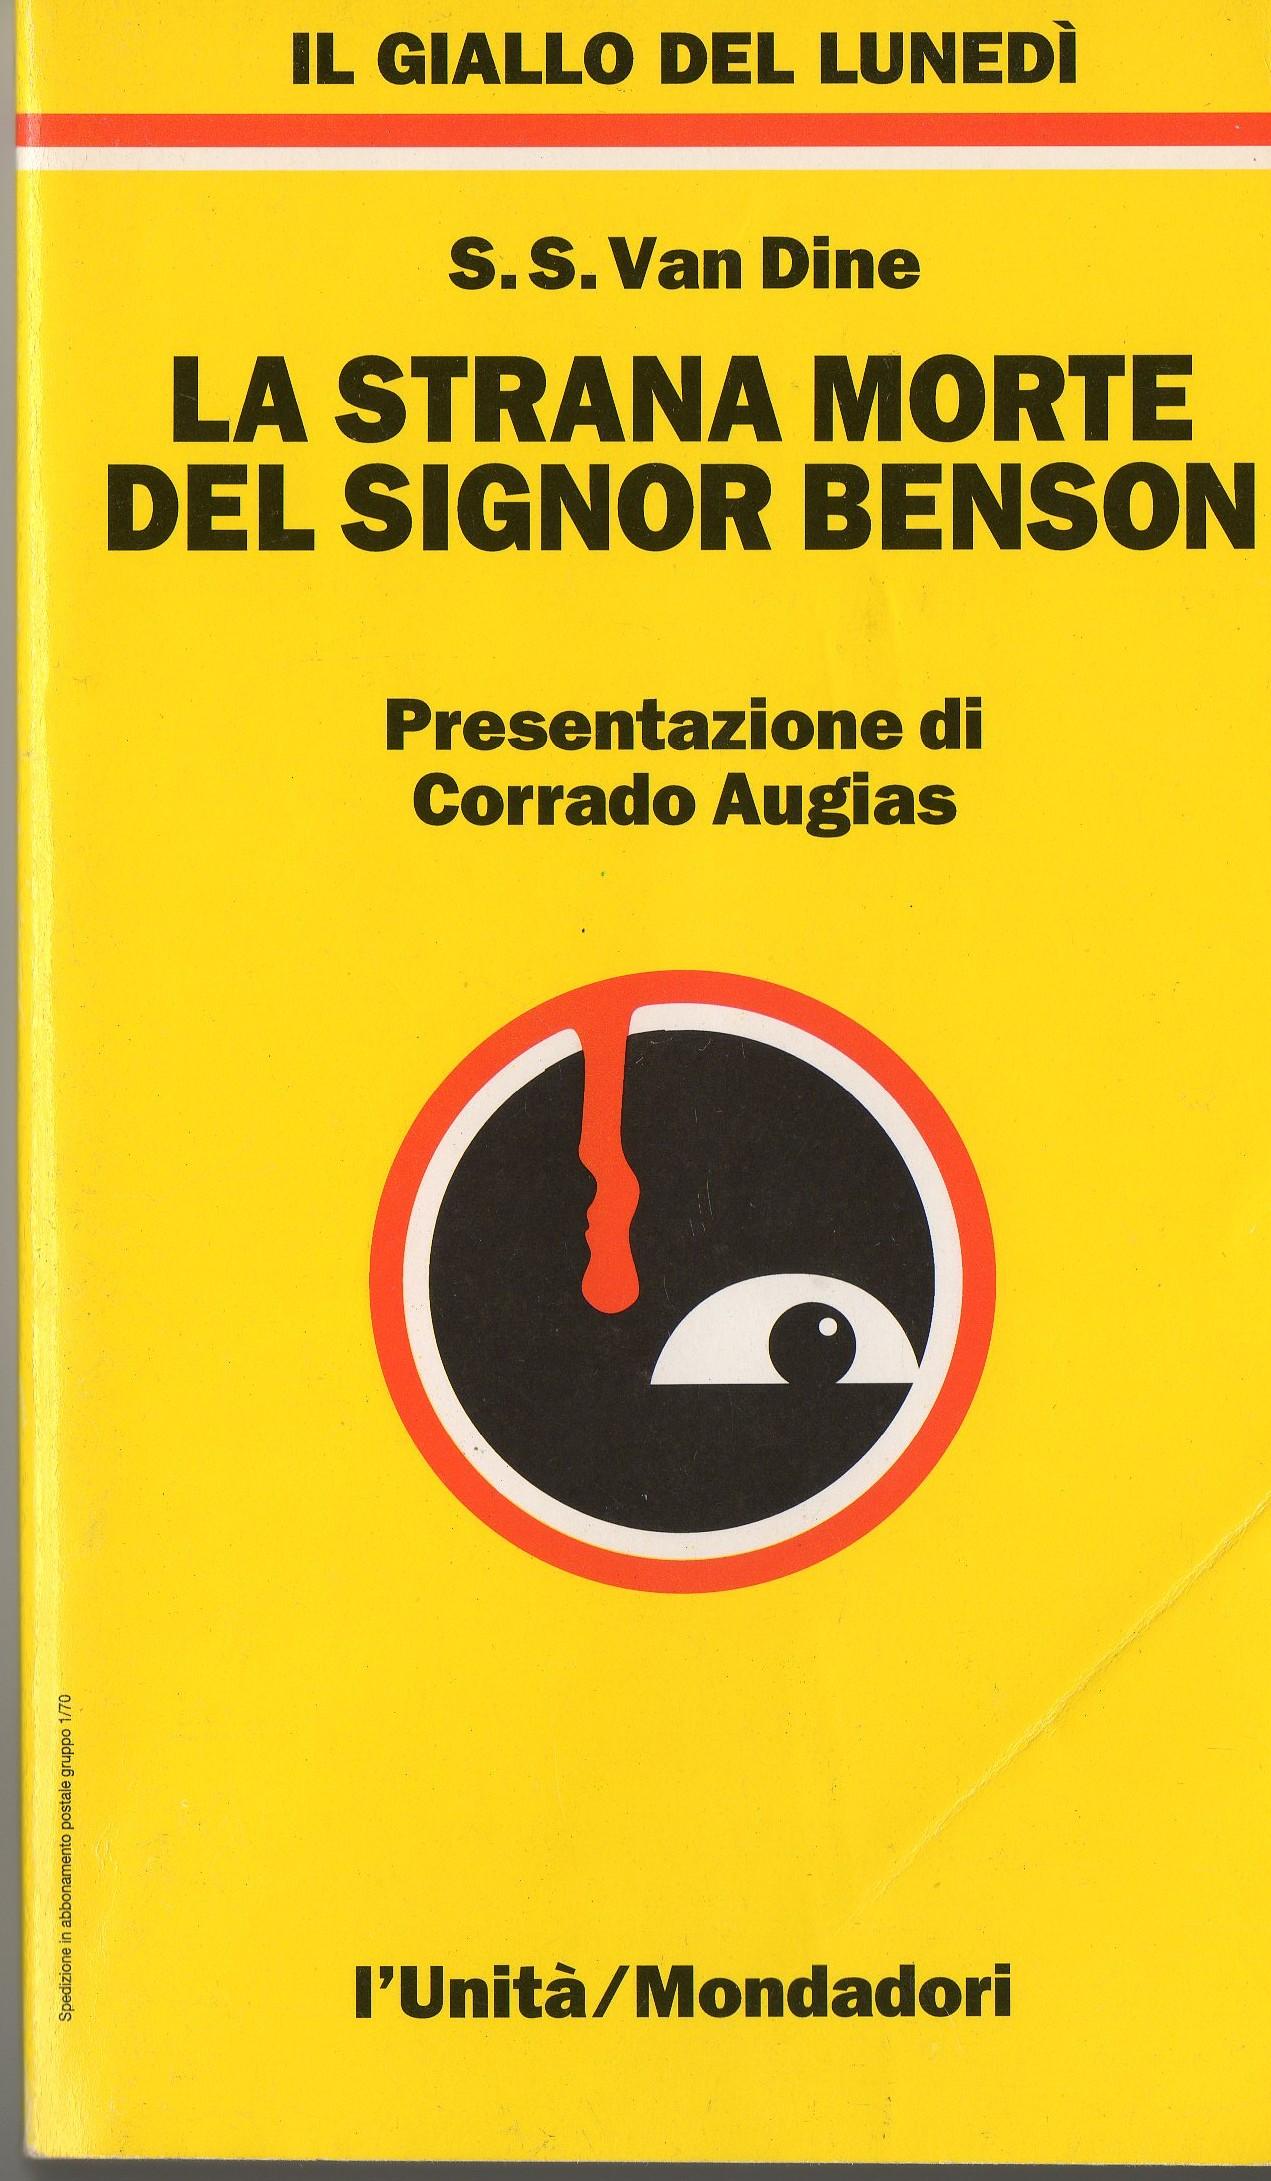 More about La strana morte del signor Benson